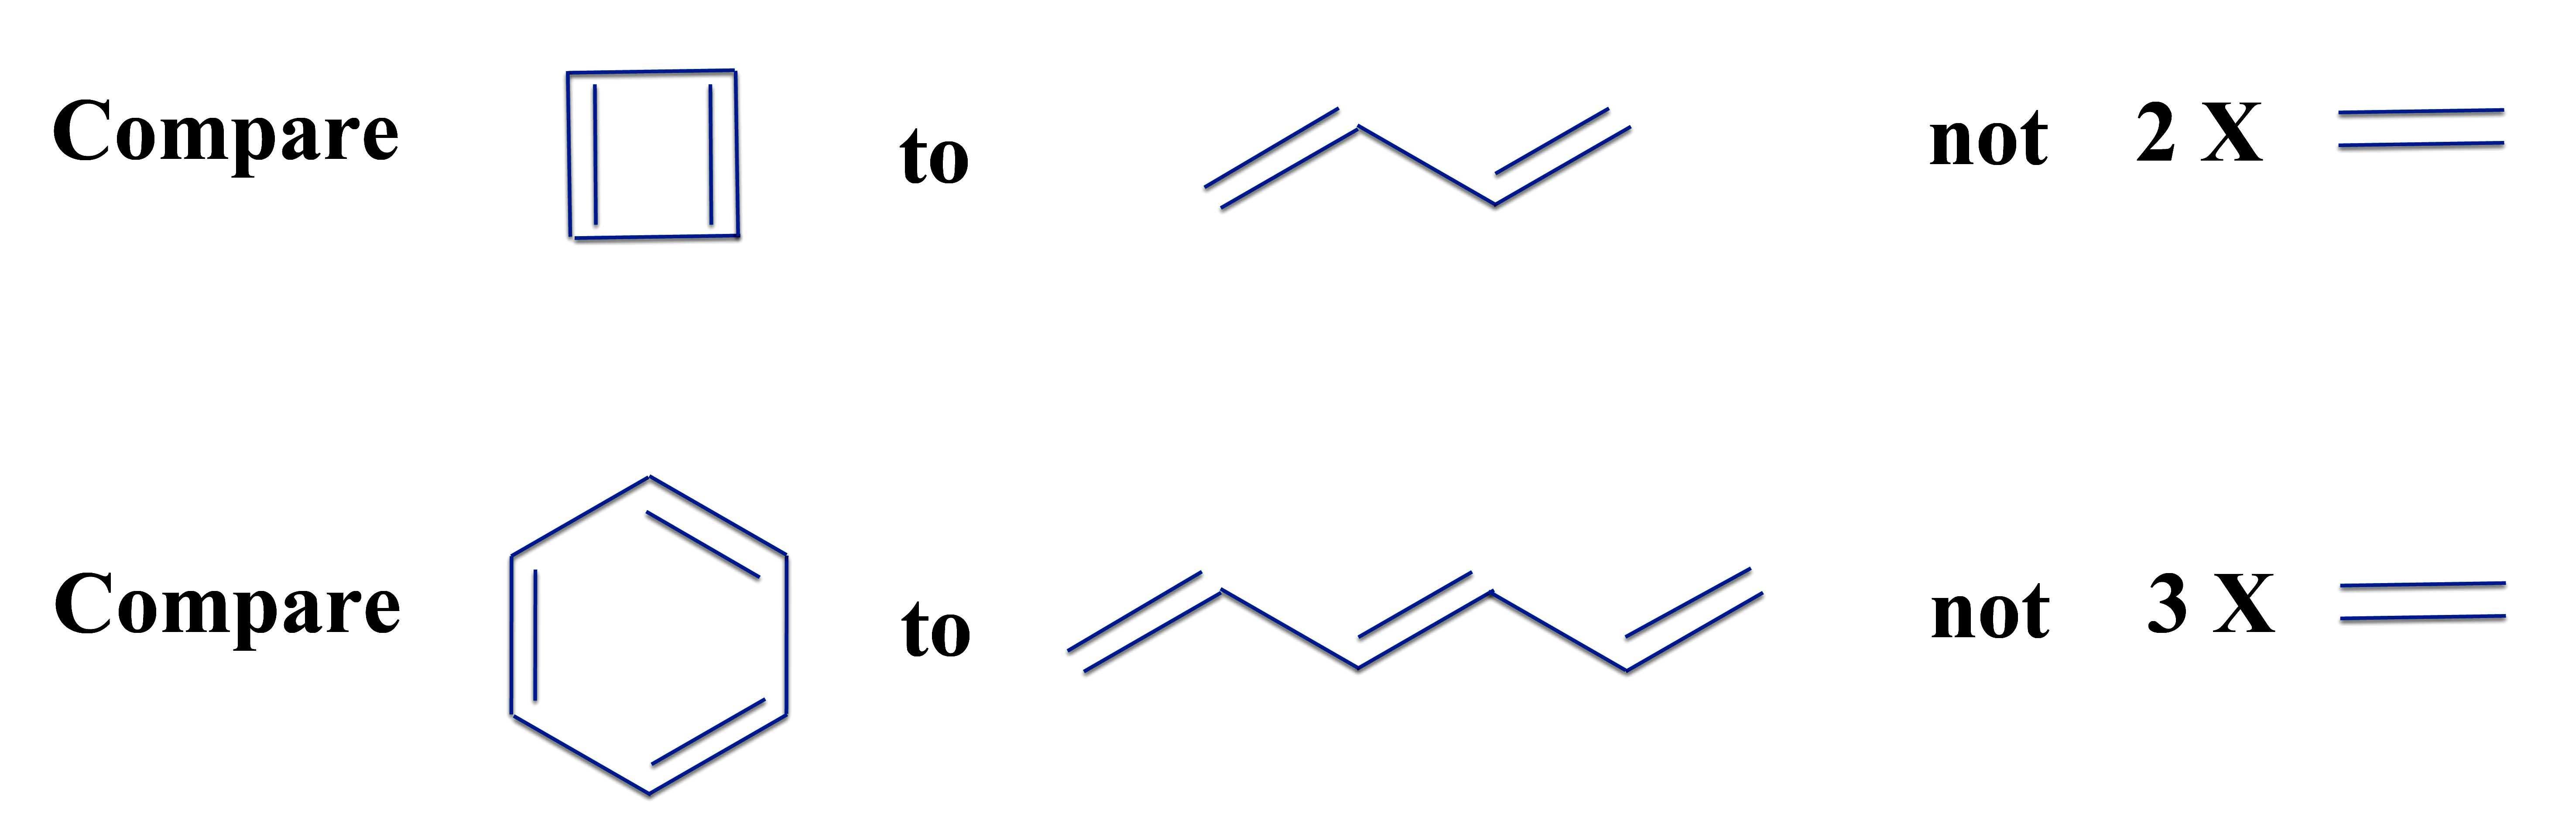 double bond electron dot diagram 1997 suzuki lt50 parts the problem with pyrene michael j s dewar to rescue